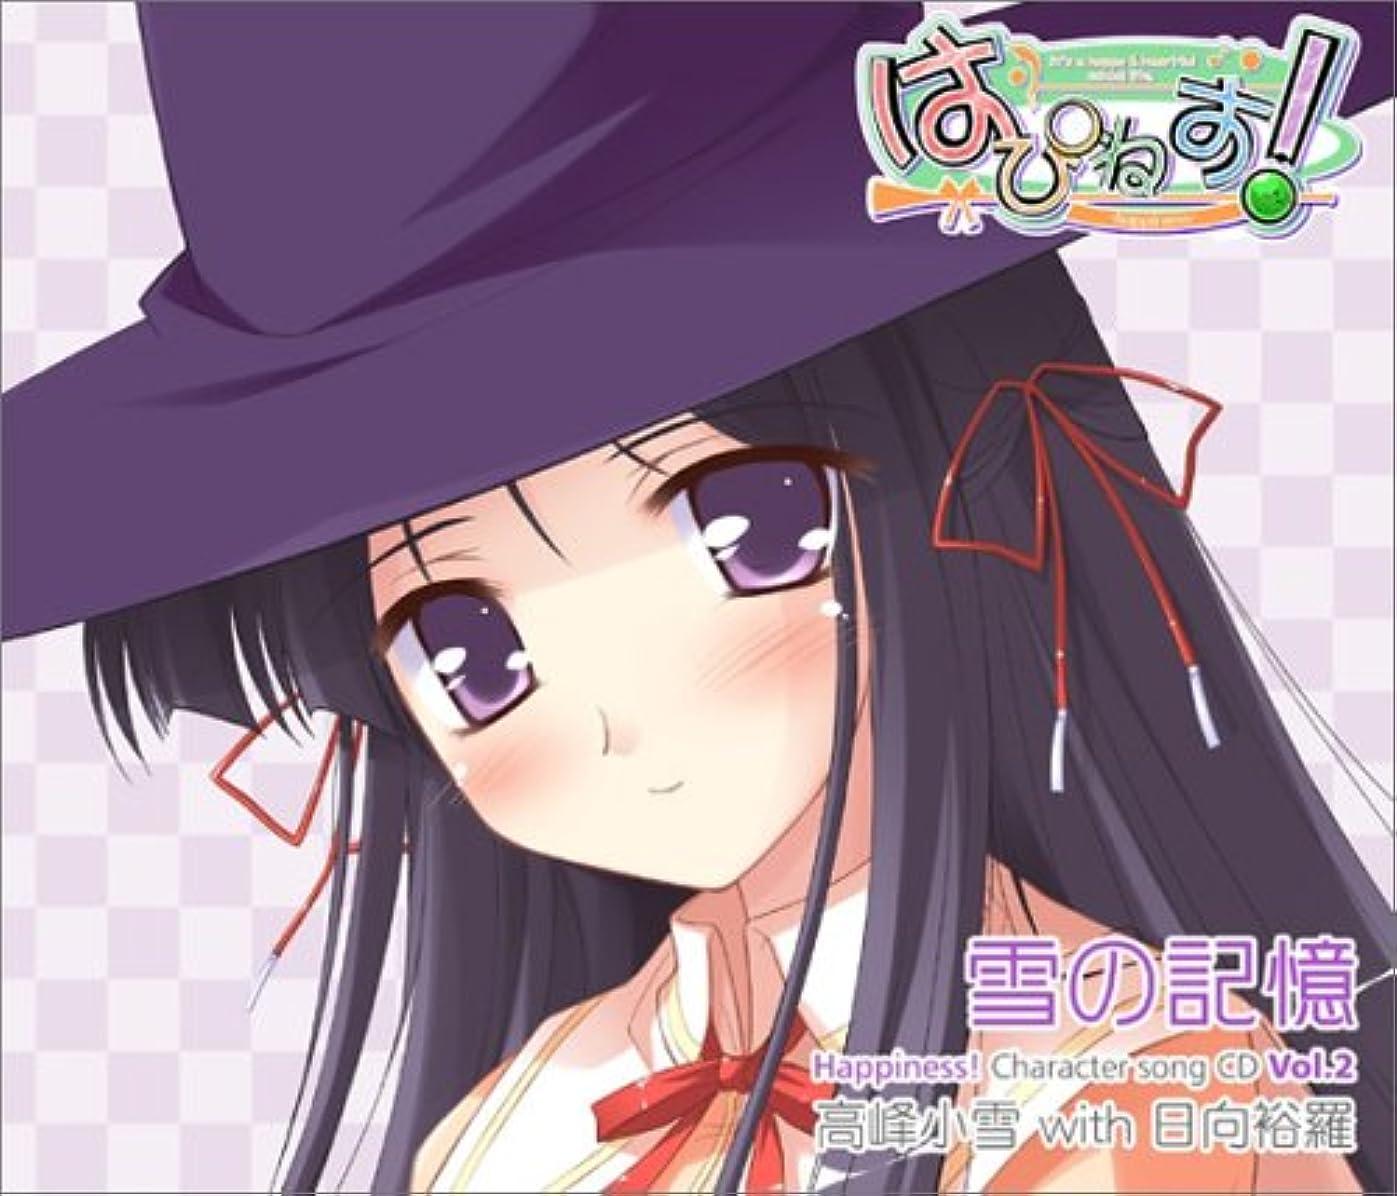 メロディー昆虫オペレーター雪の記憶 Happiness! Character song CD vol.2 高峰小雪 with 日向裕羅